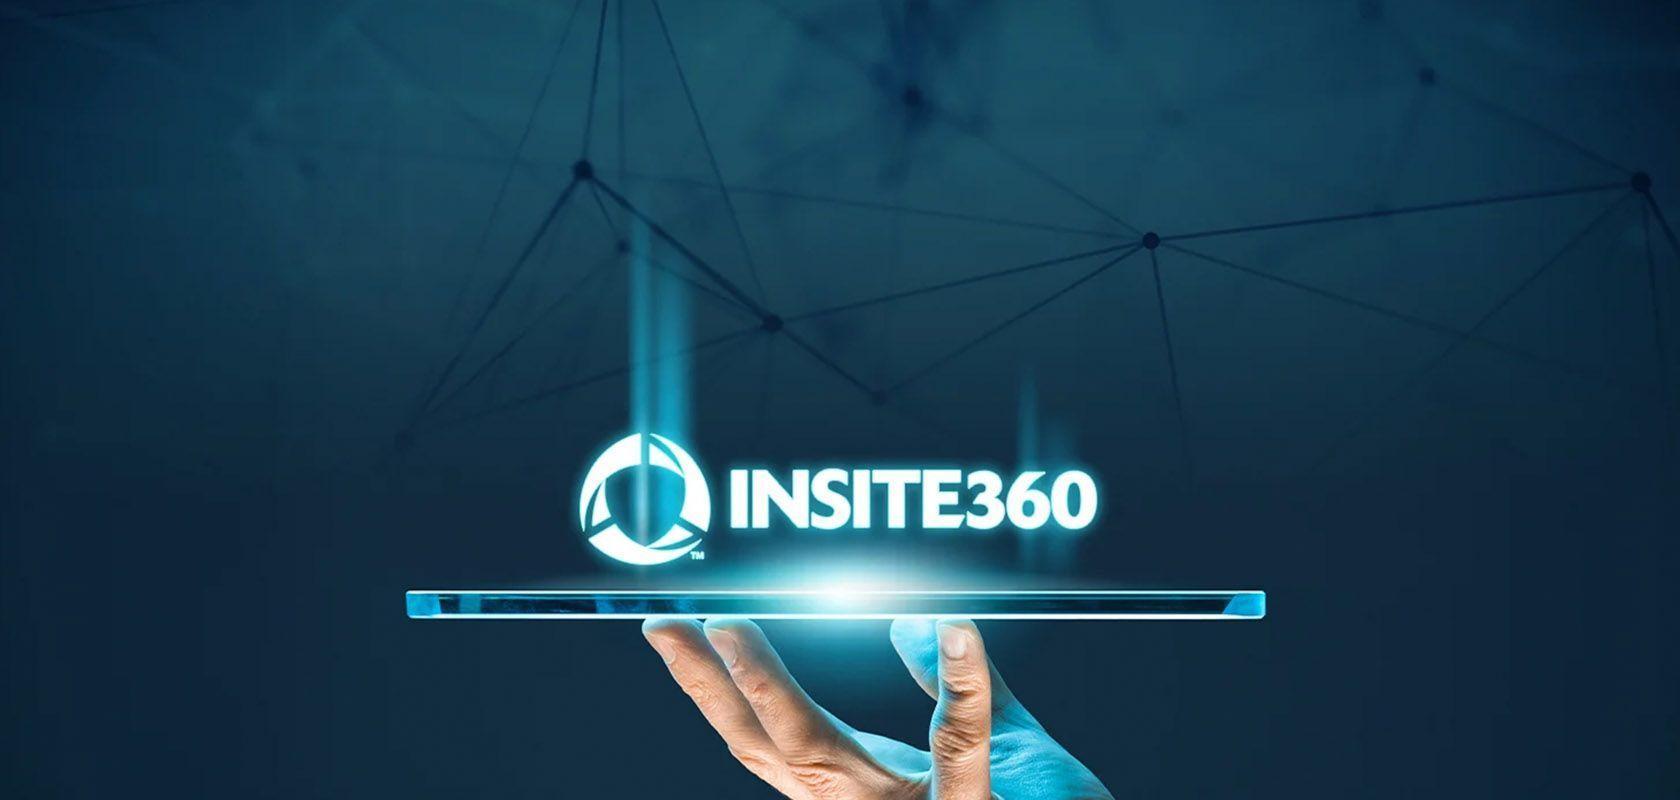 Insite 360